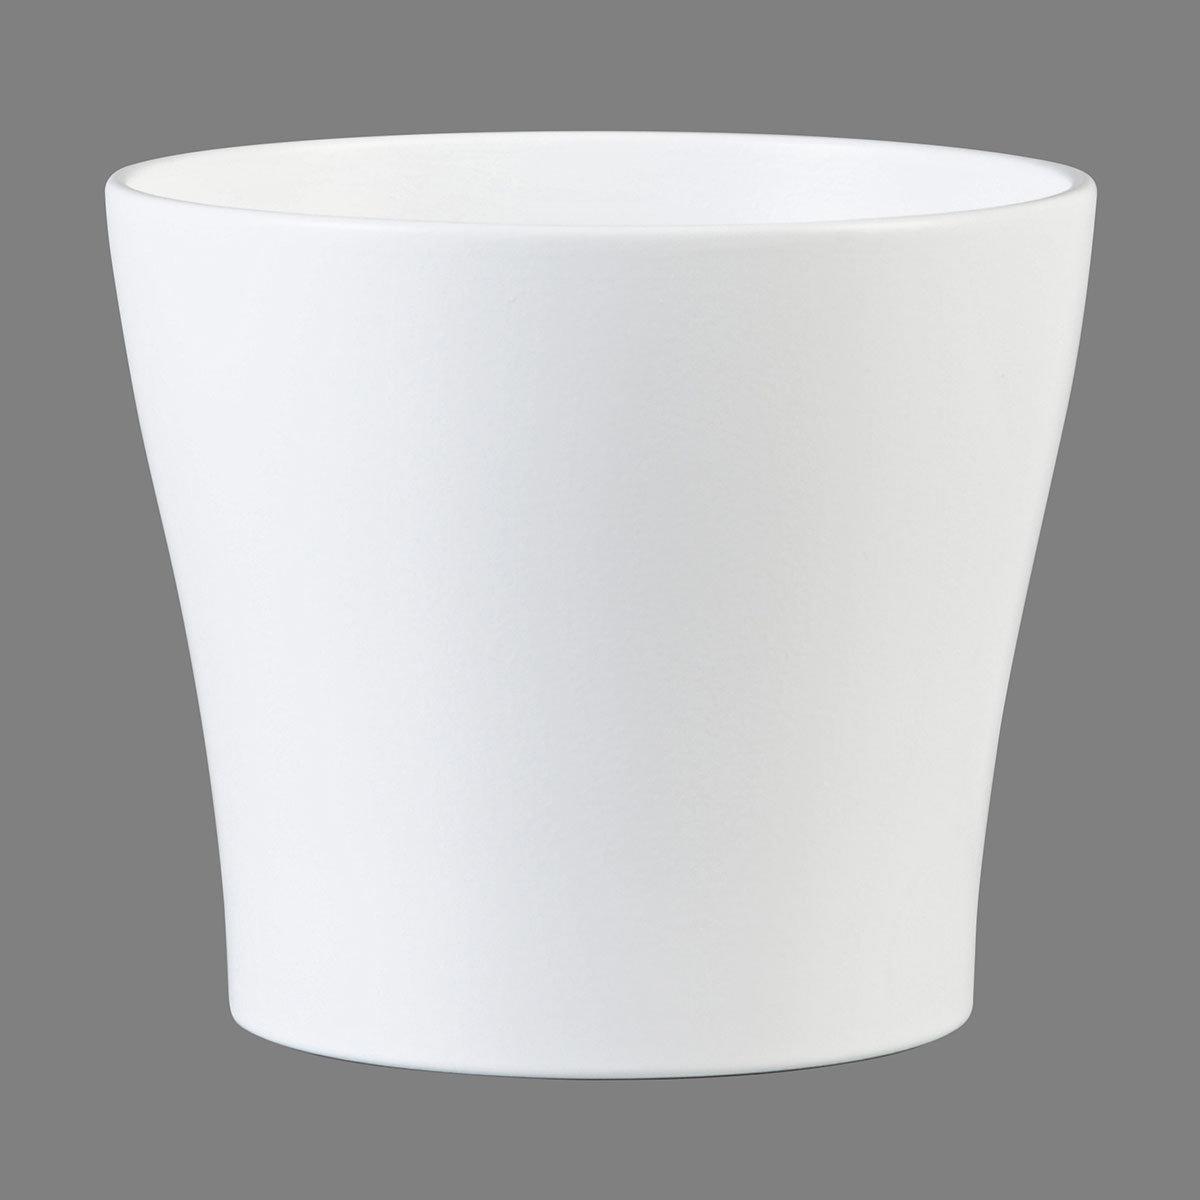 Übertopf Panna, 13 cm, Weiß